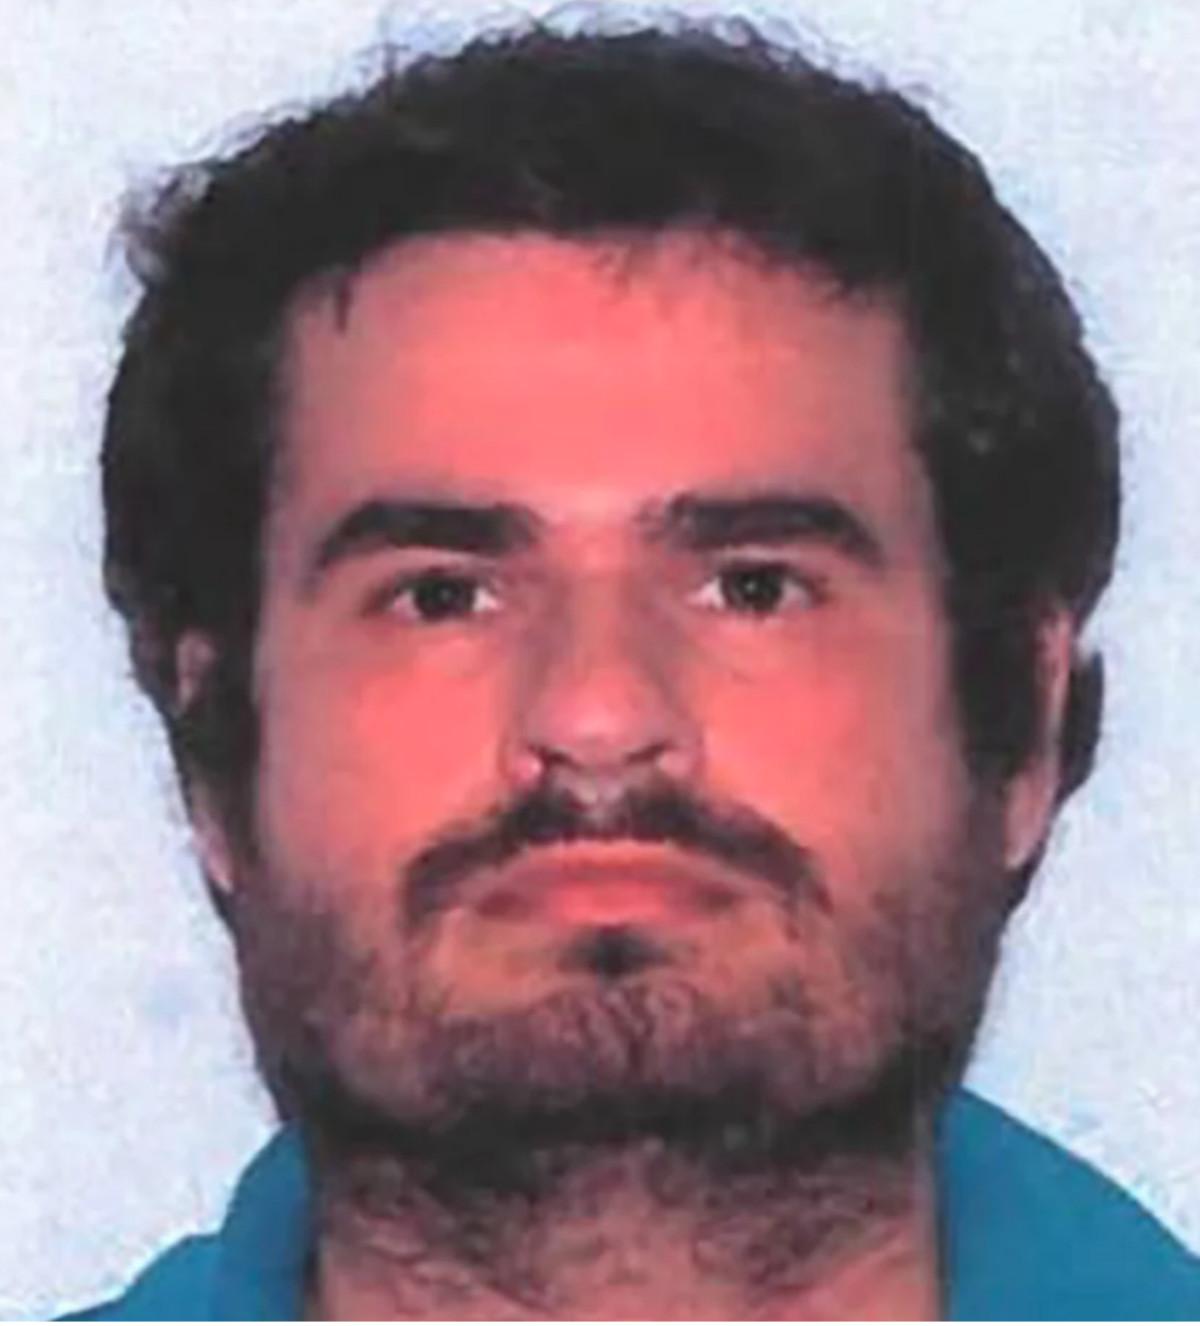 Kevin Alexander Accorto, supuesto asesino de Miss Mercedes Morr